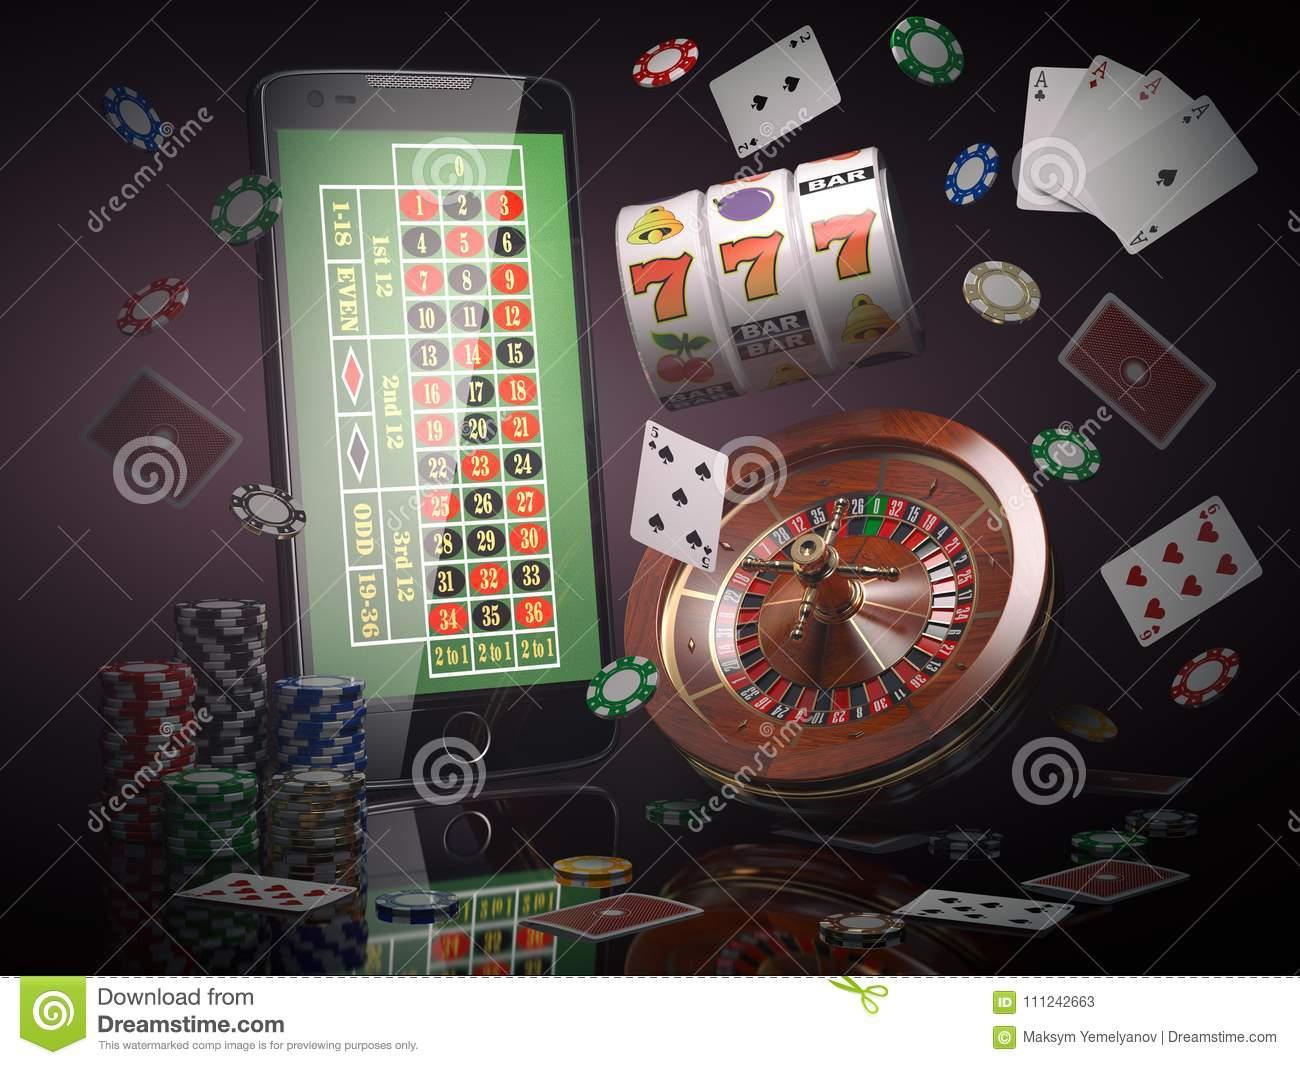 Как заработать в онлайн казино без денег король покера 2 играть онлайн бесплатно полная версия на русском 2